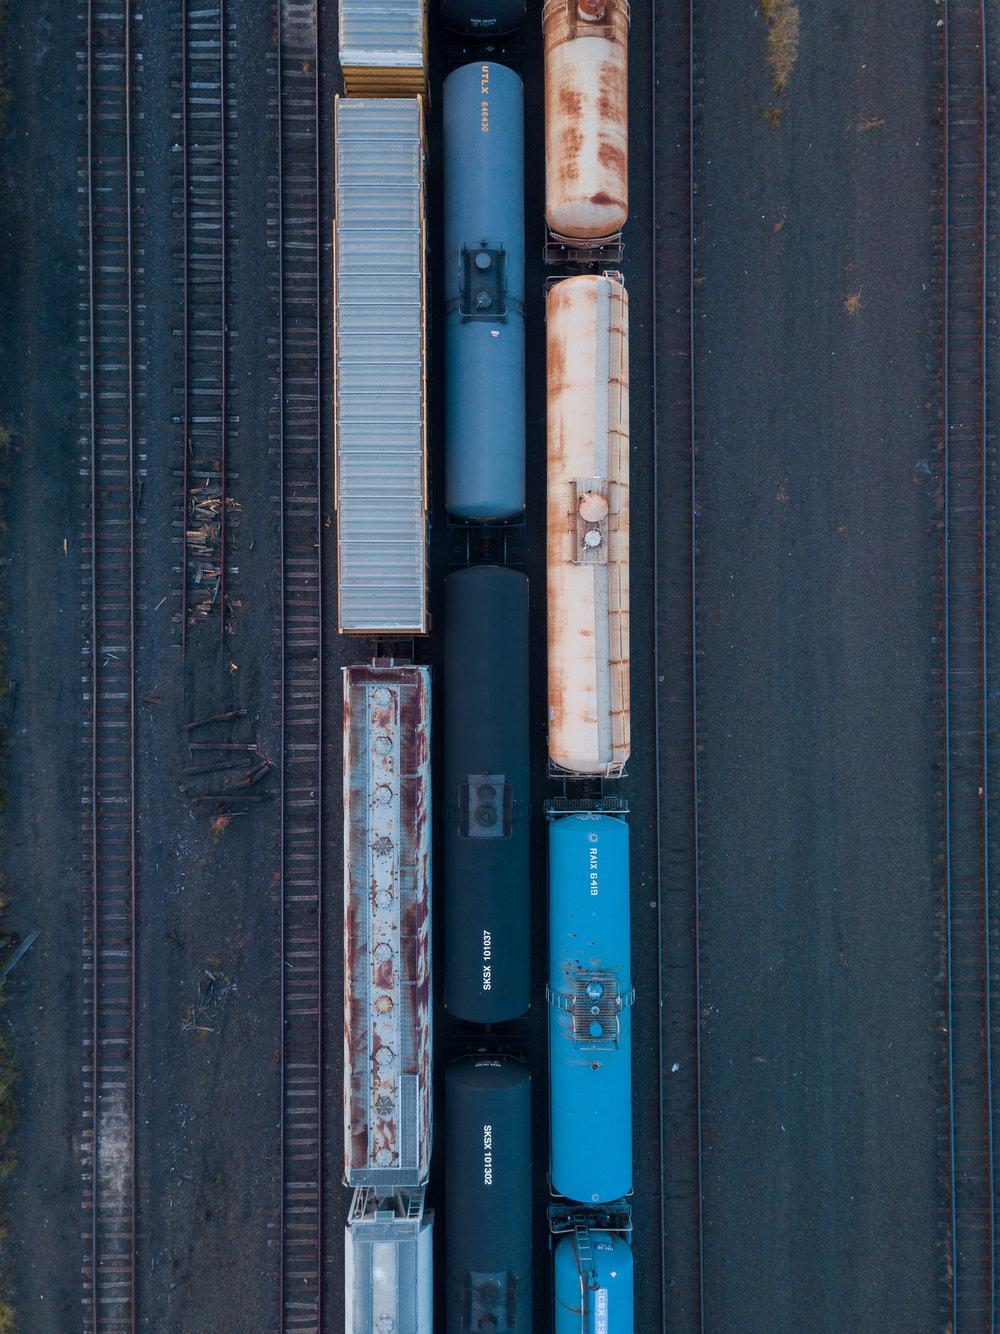 TrainLine_typoland_aerial-1.jpg